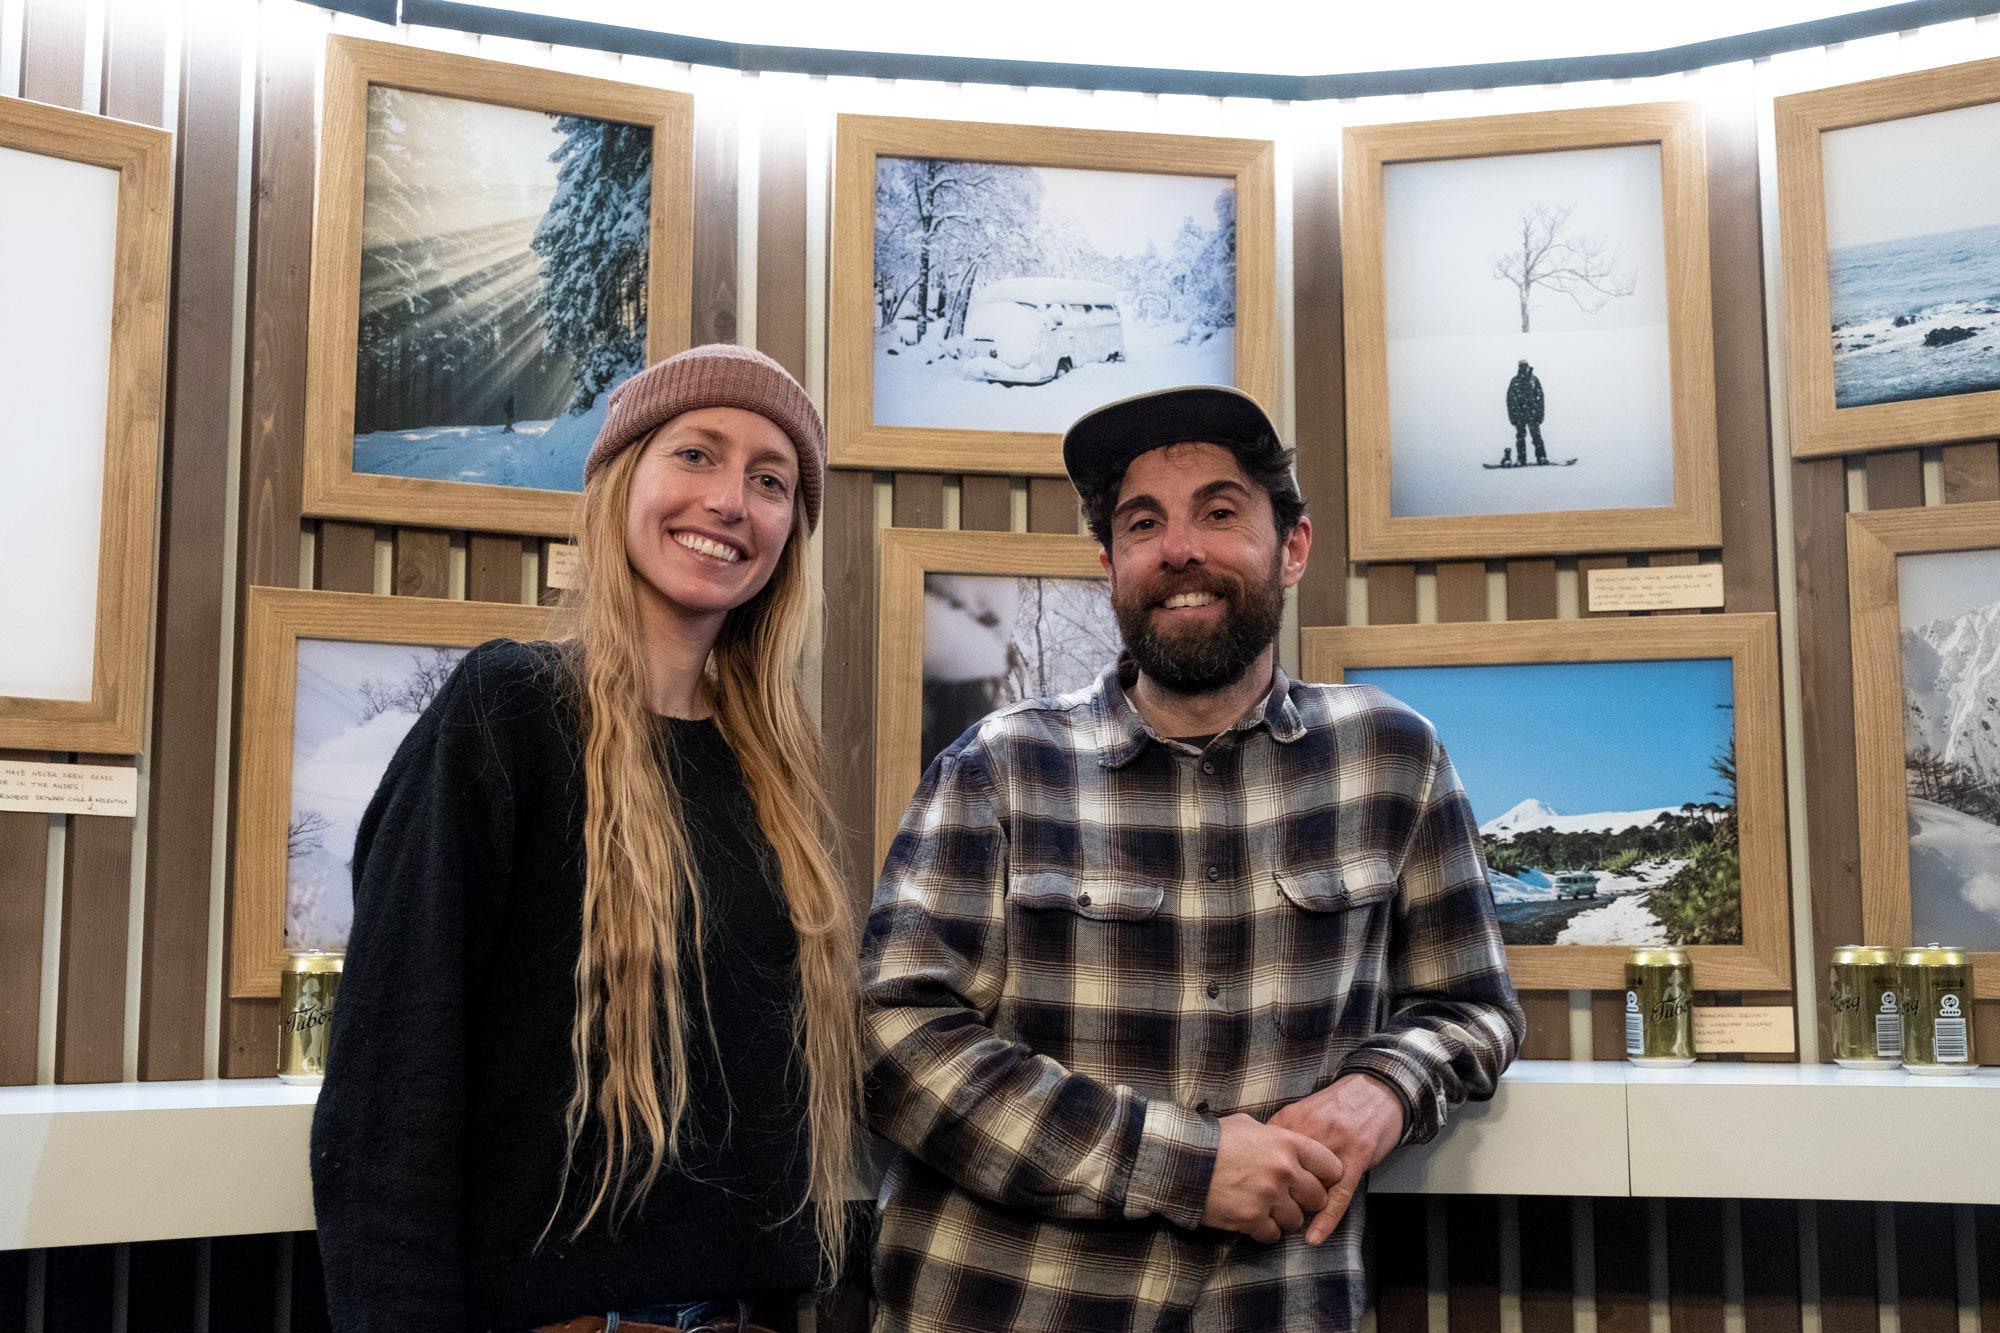 Laura Martinez präsentierte im Burton Store ihre 'Life in White' Fotos. - Foto: Sonia Ziegler